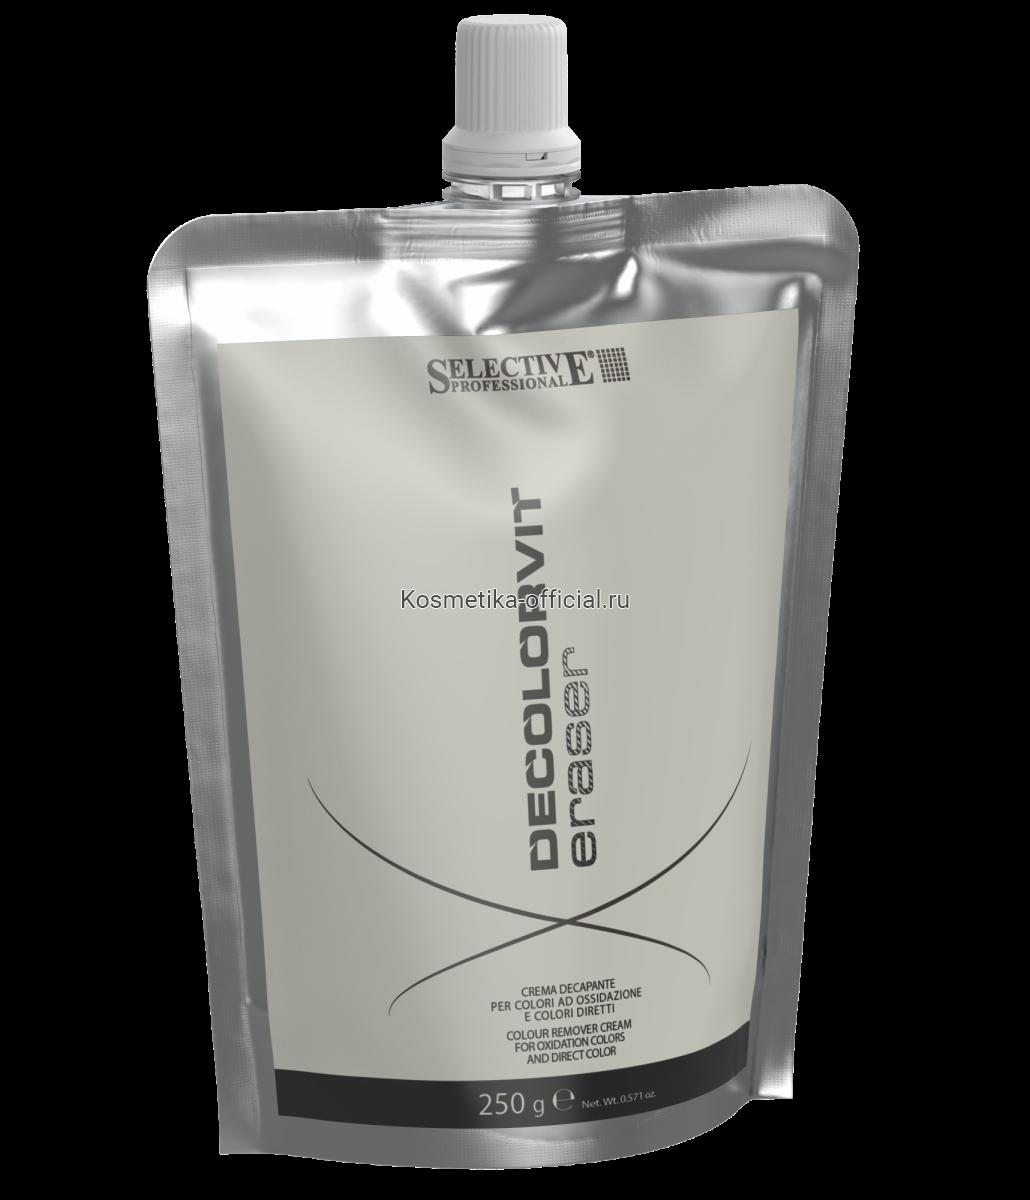 Крем декапирующий для волос / DECOLORVIT eraser 250 г